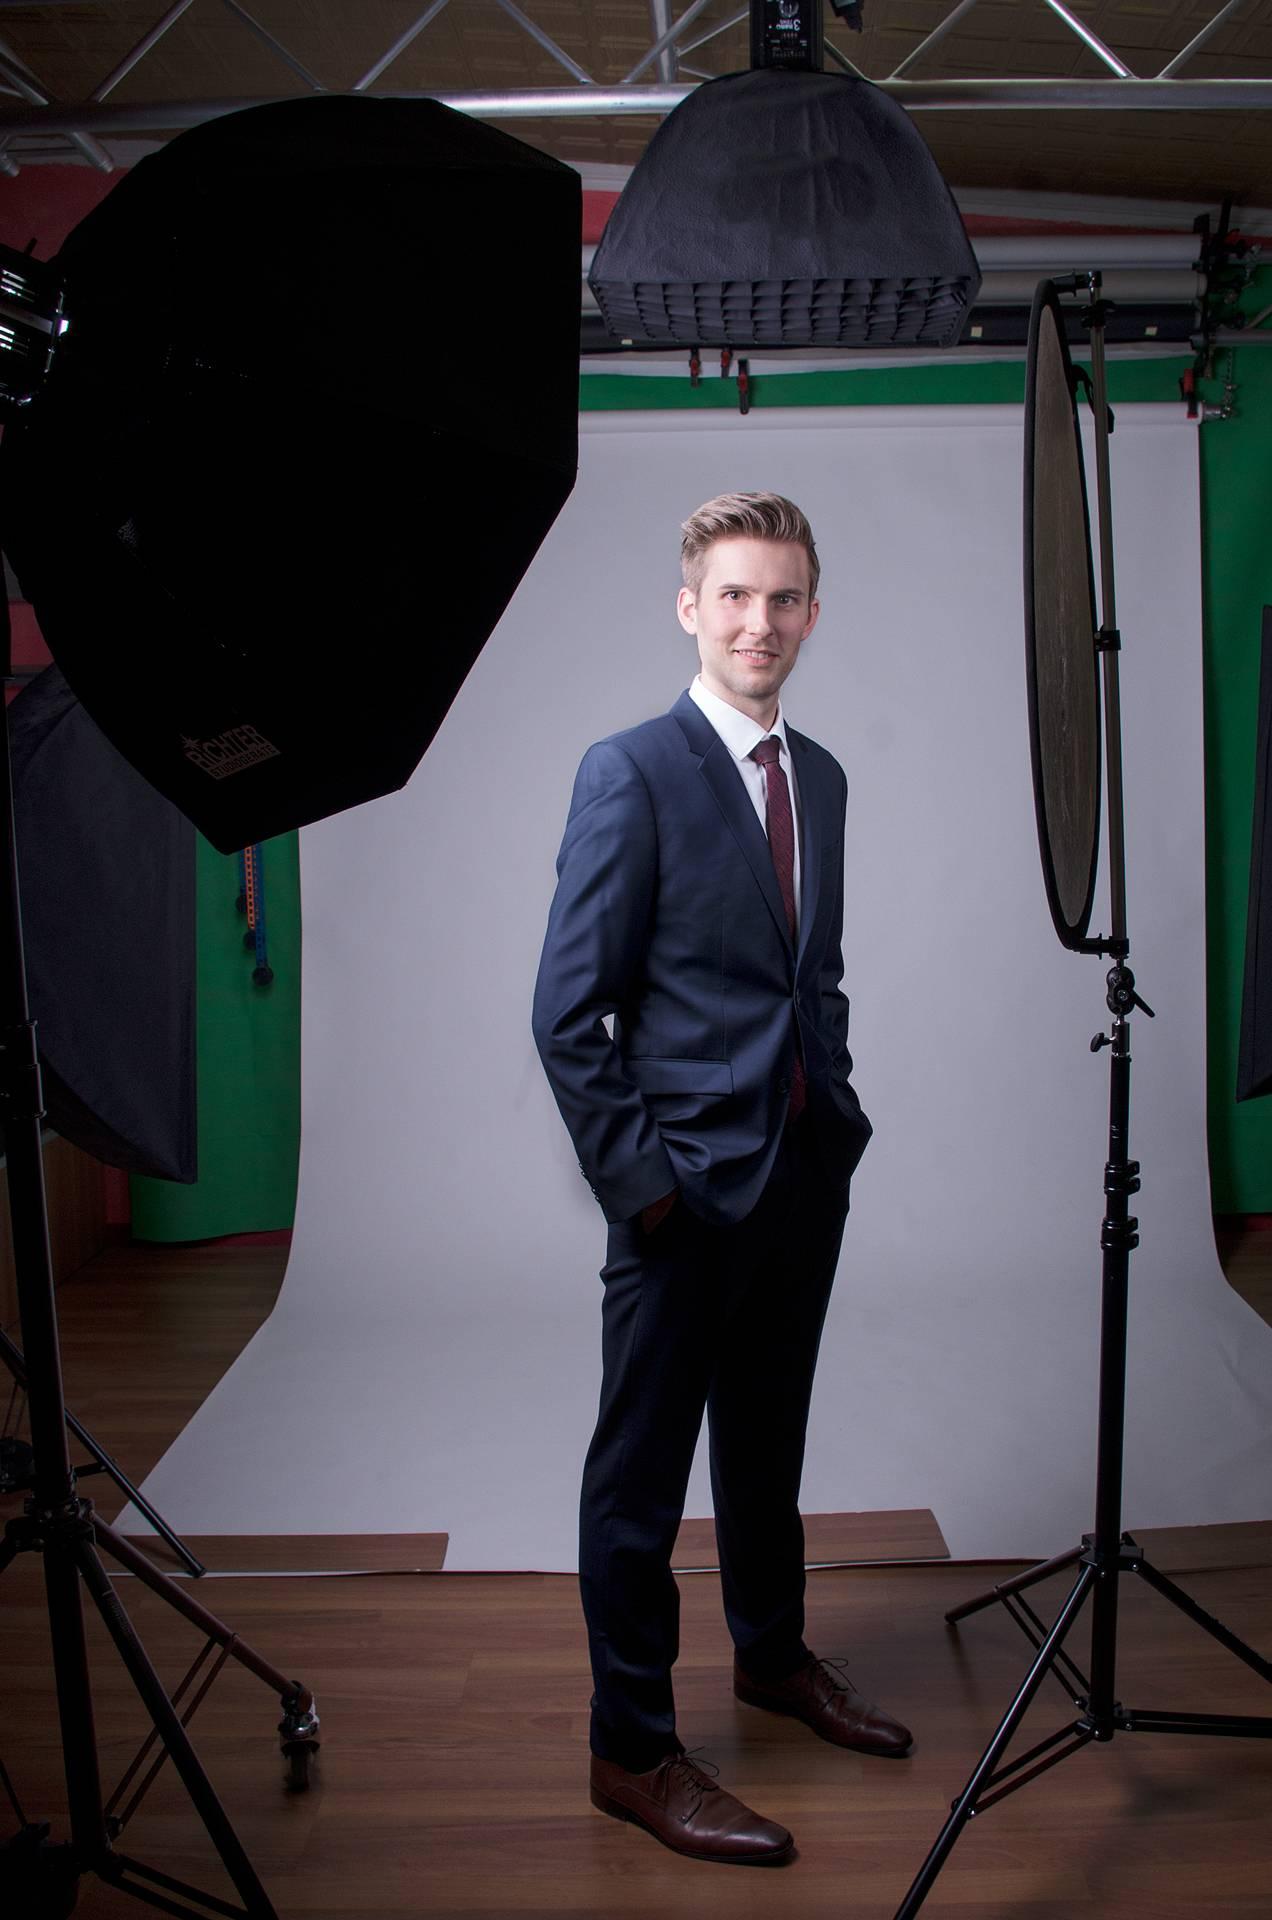 Businessfoto eines Mannes im Fotostudio